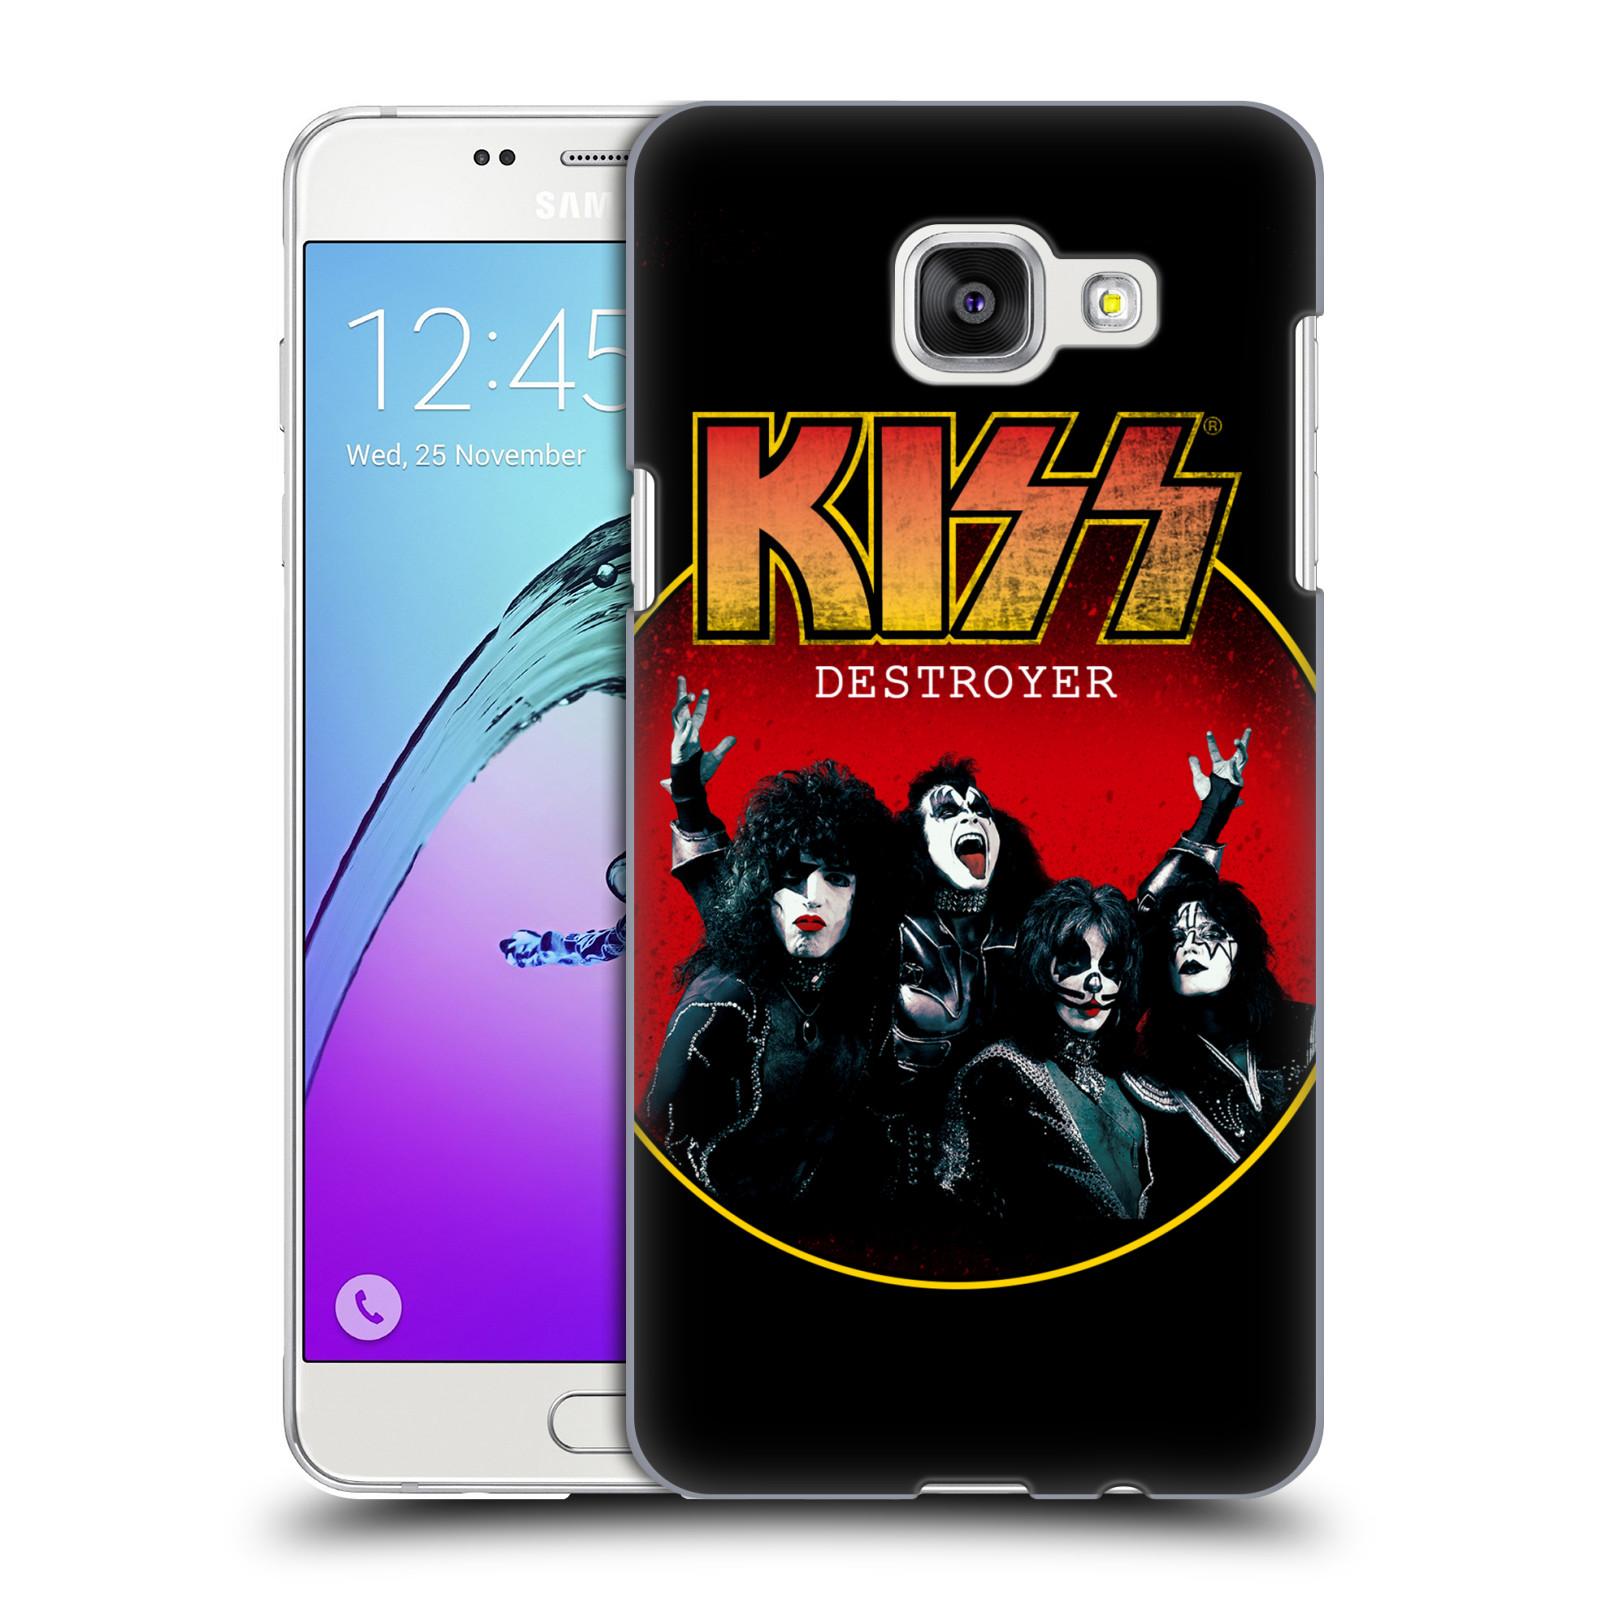 Plastové pouzdro na mobil Samsung Galaxy A5 (2016) HEAD CASE - Kiss - Destroyer